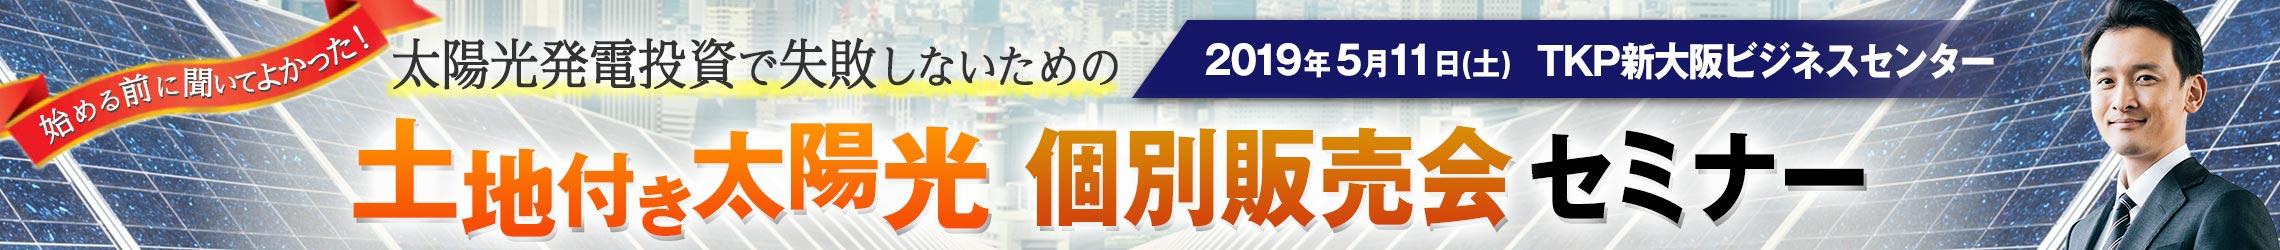 【2019年5月11日新大阪付近で開催】太陽光投資販売セミナー